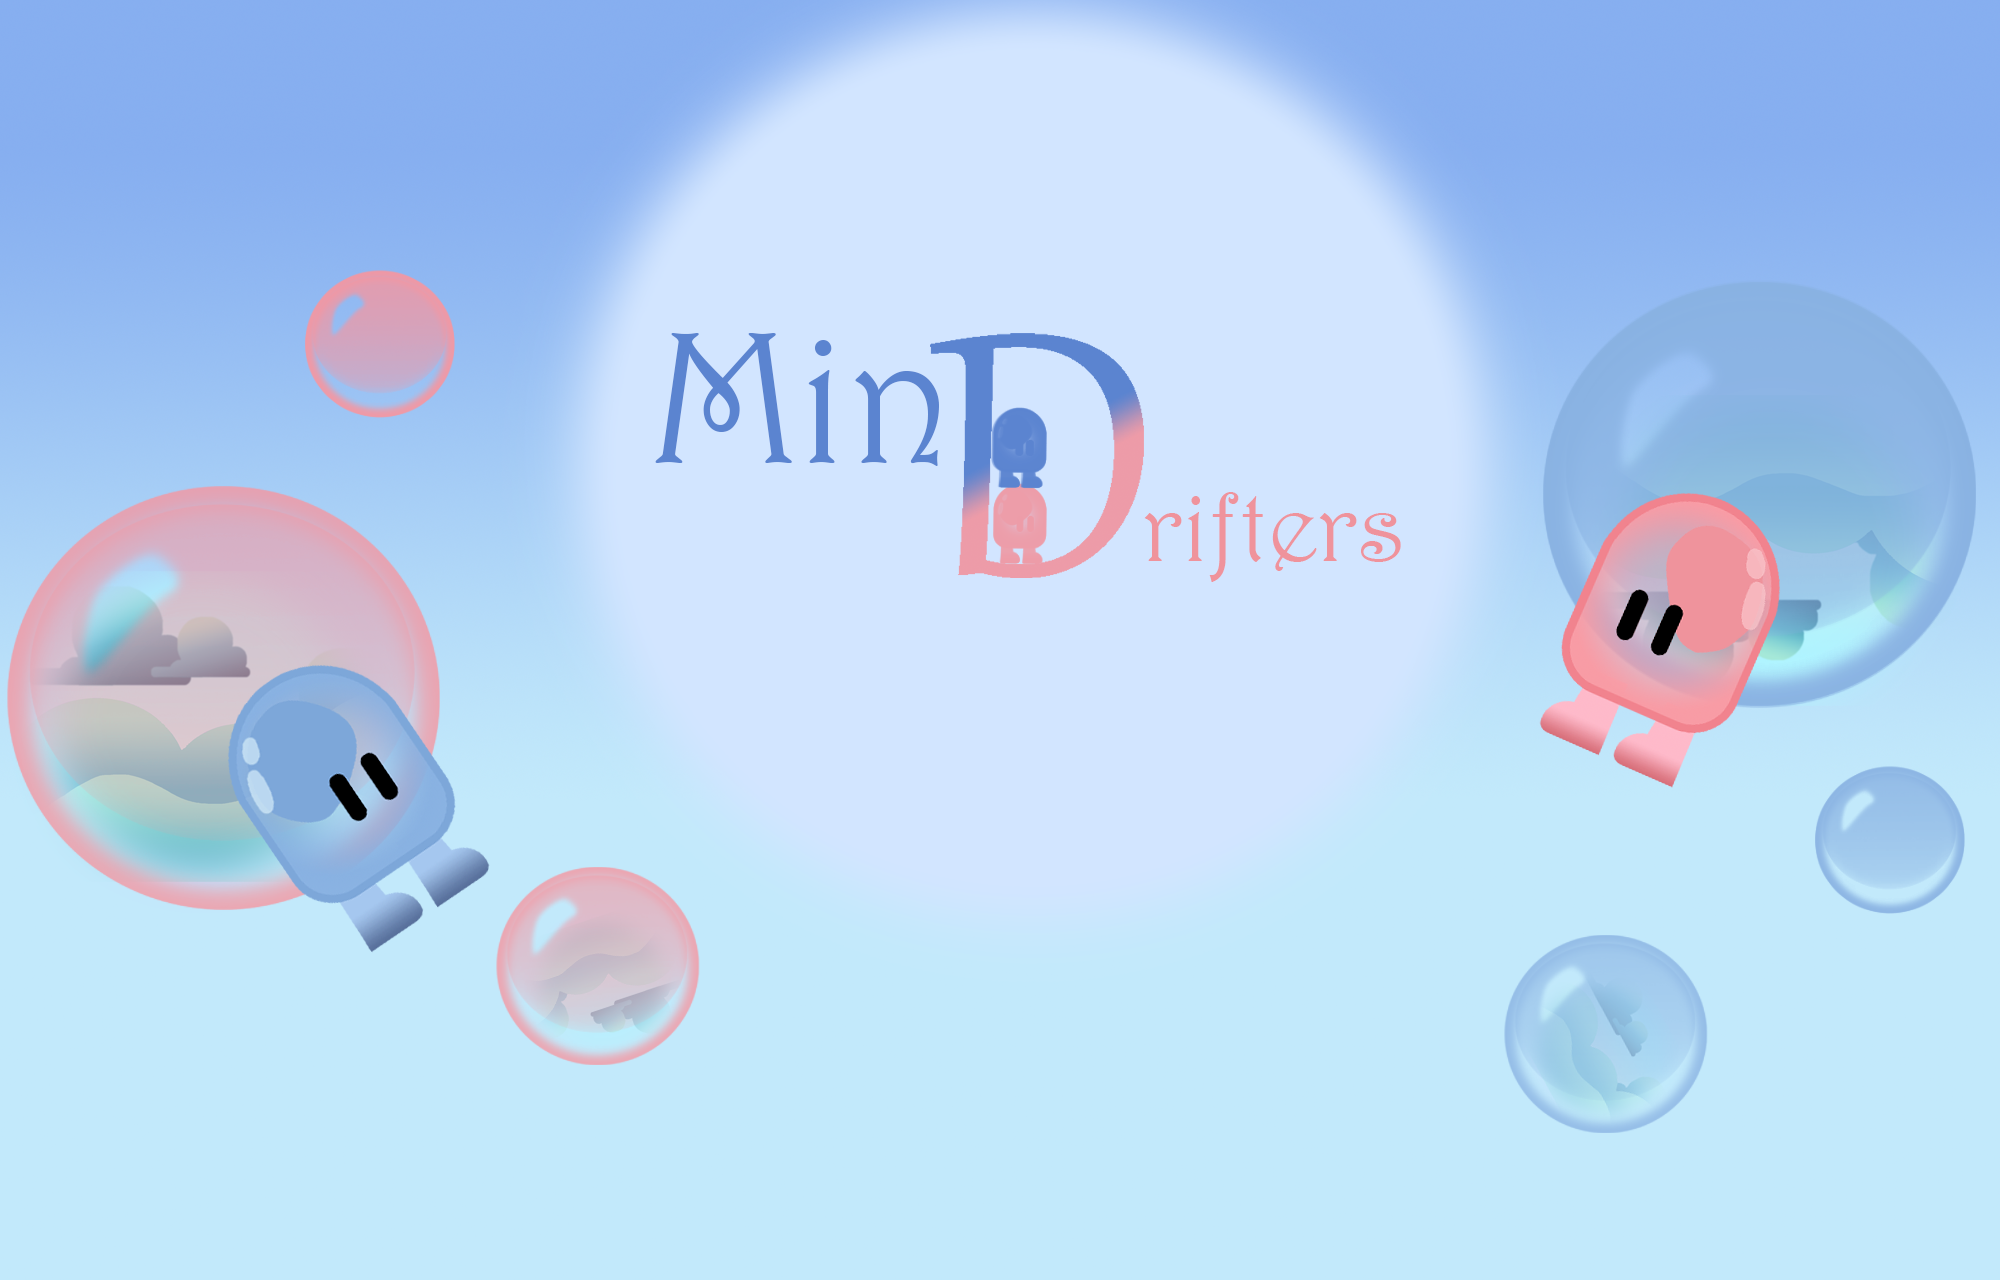 Mindrifters